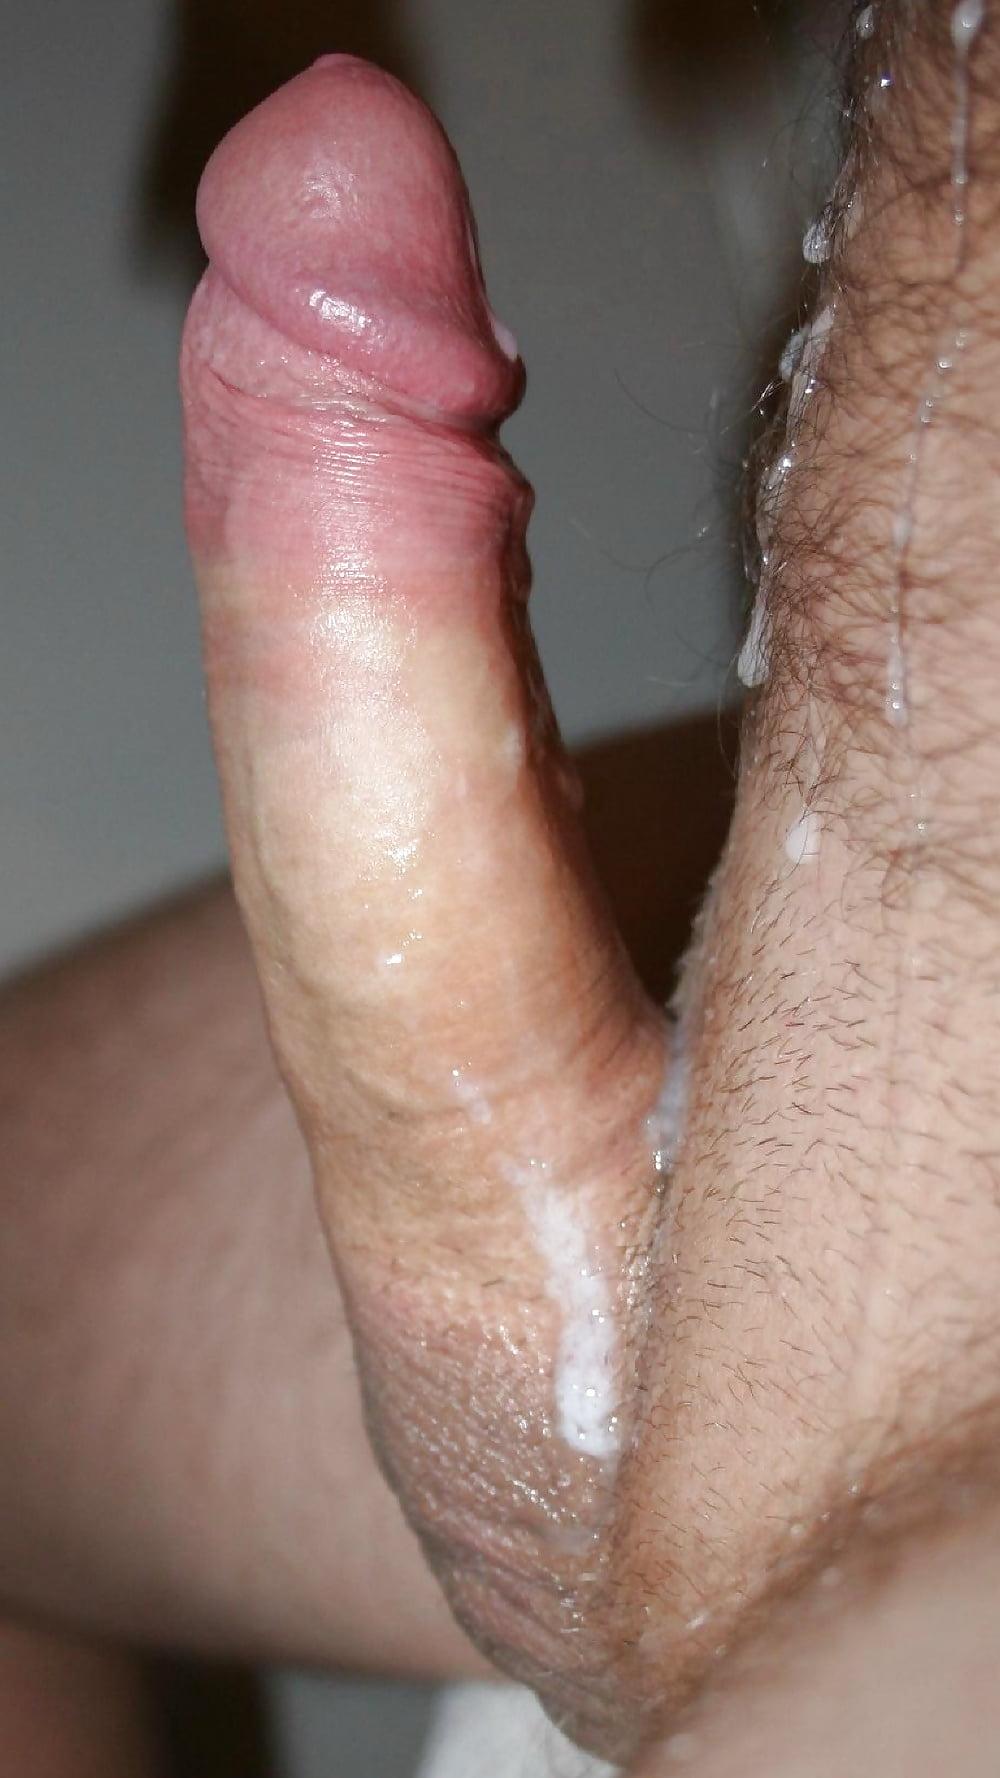 время член фото больших членов с спермами фото большом мягком